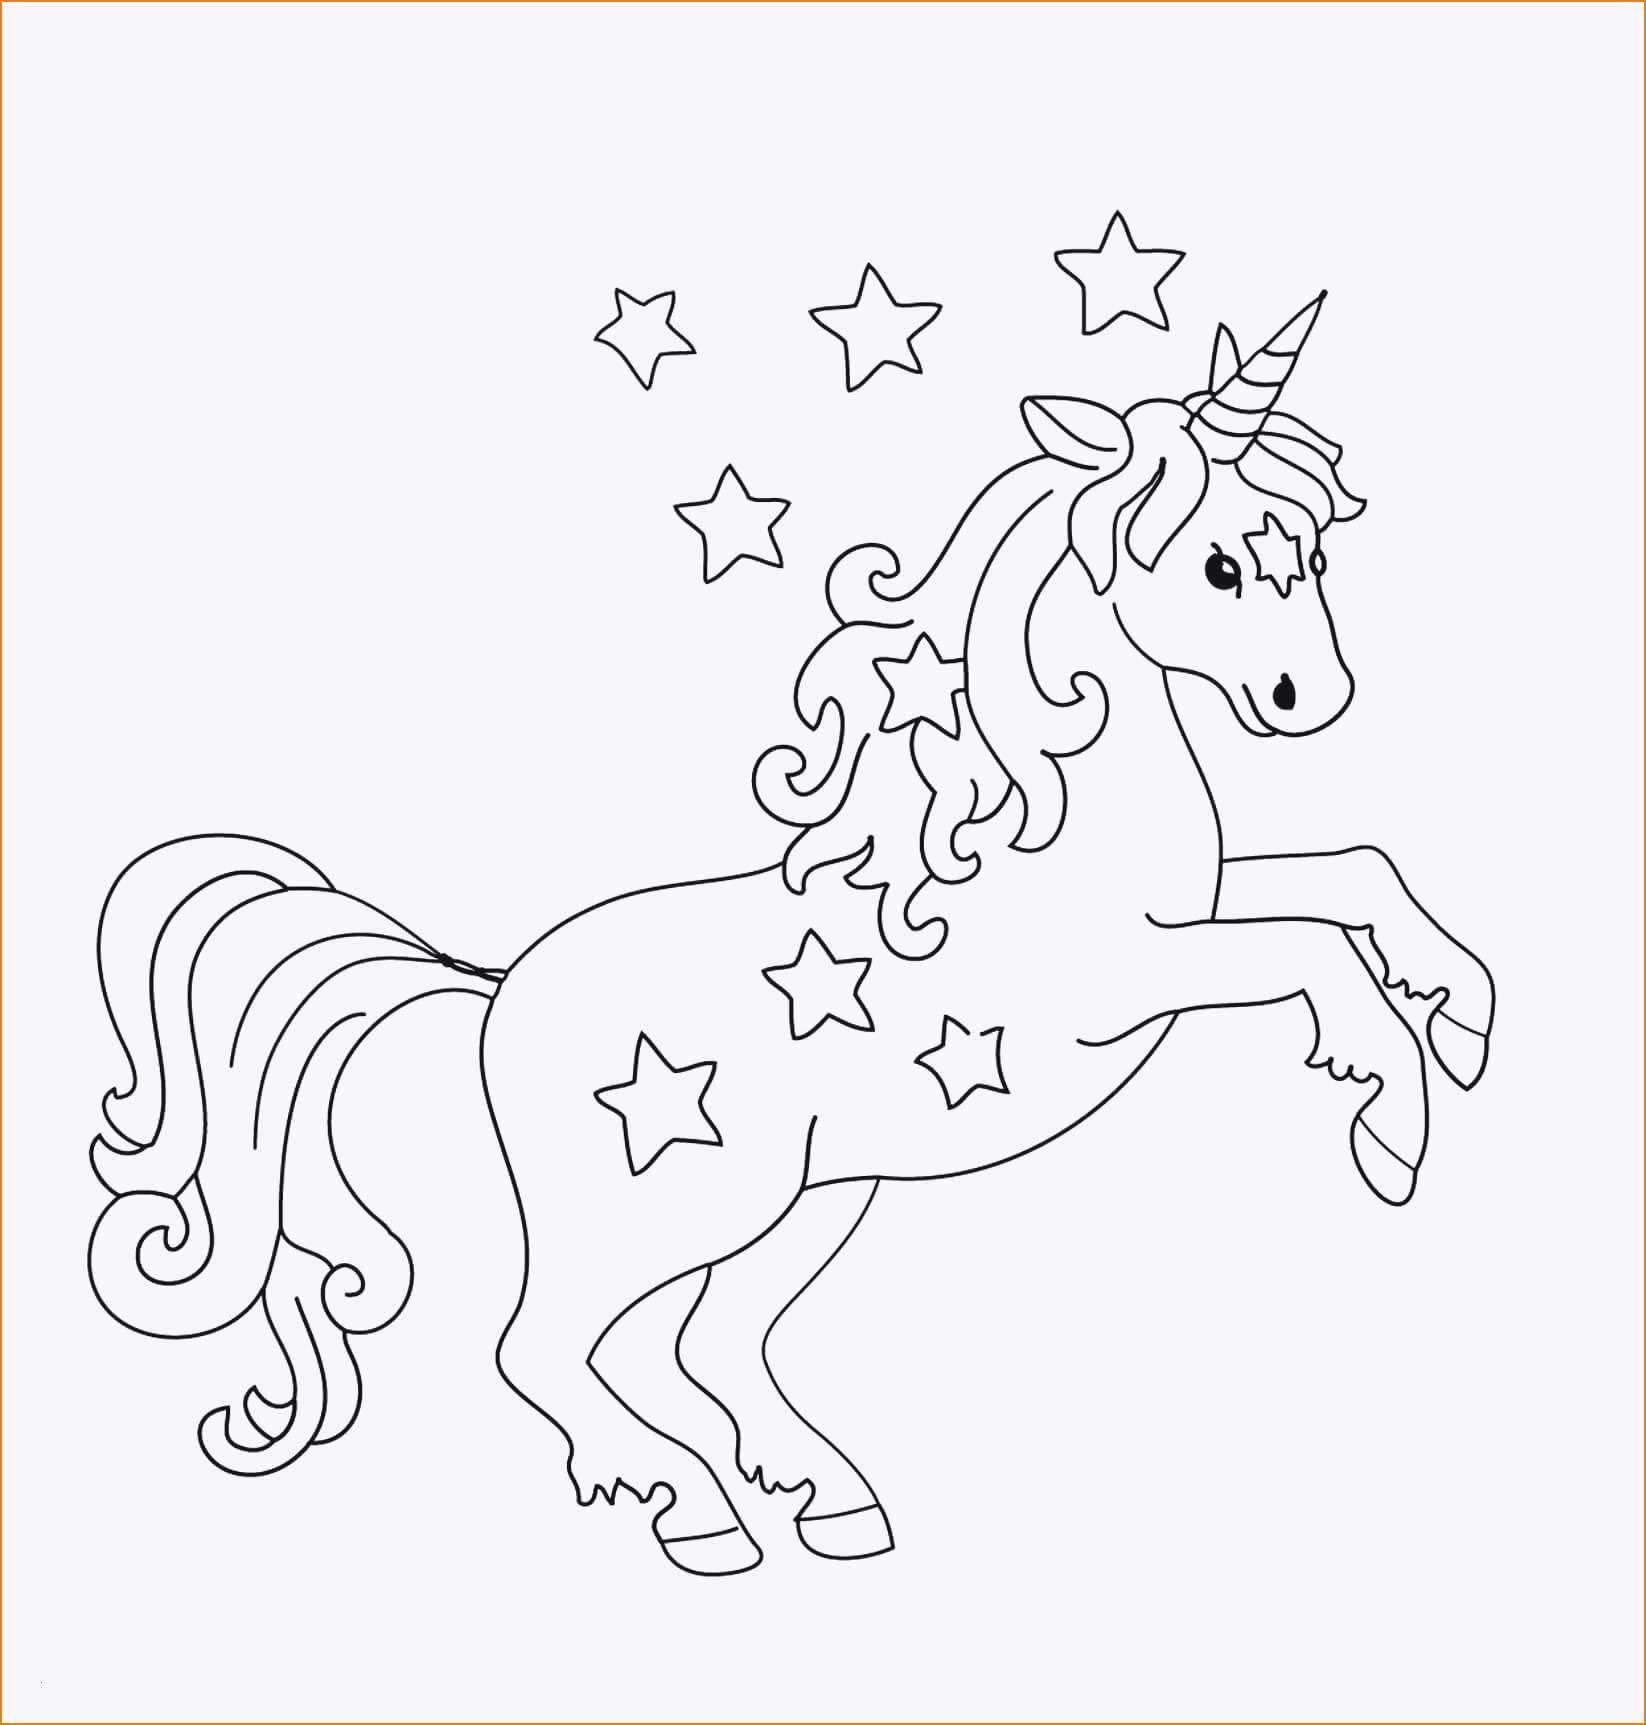 Pin Von Monikap Auf Malbucher Einhorn Zum Ausmalen Ausmalbilder Pferde Zum Ausdrucken Ausmalbilder